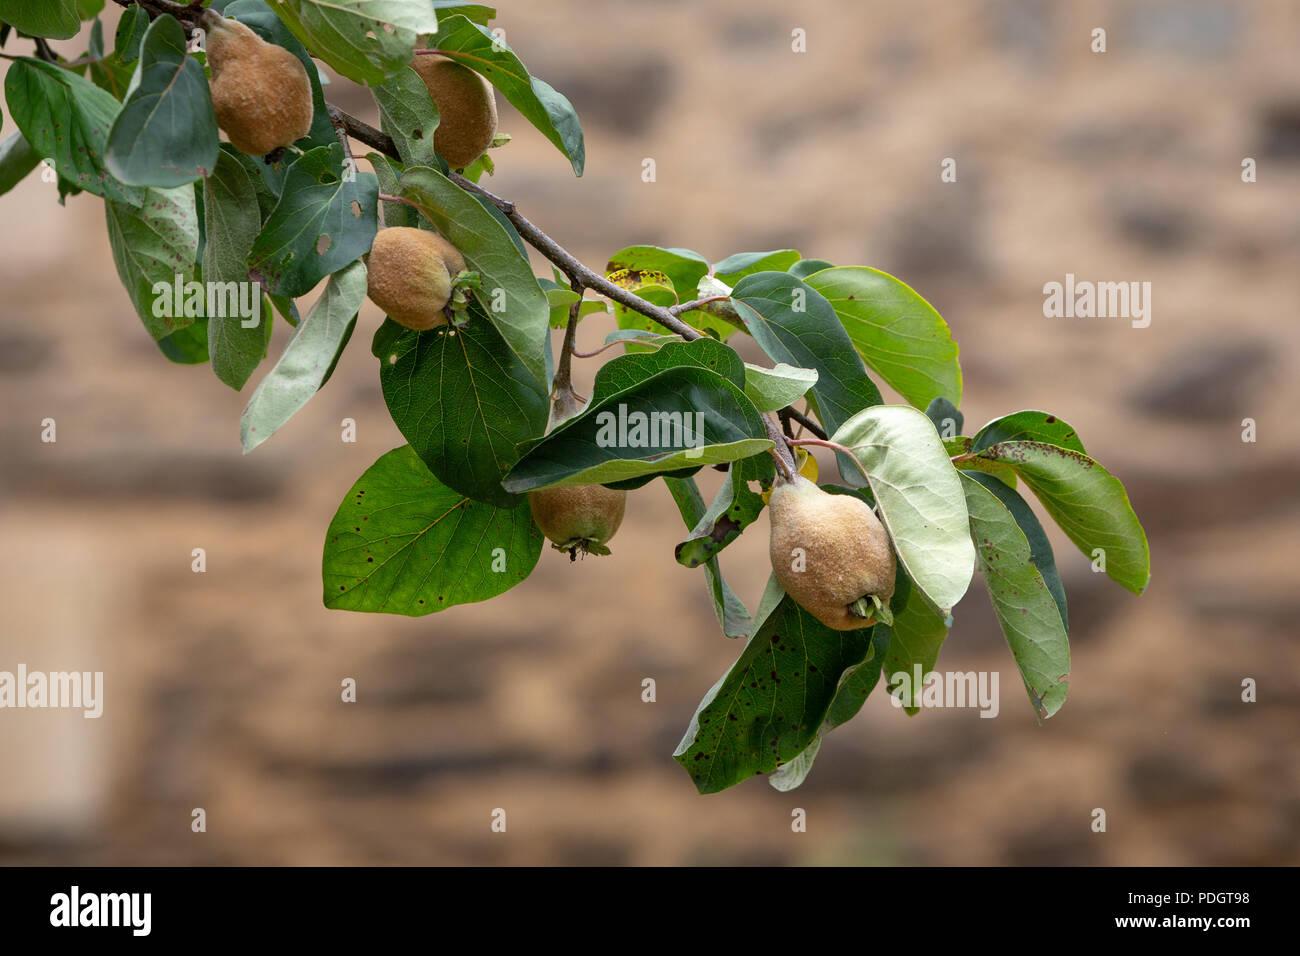 Ein Zweig der Baum - Quitte Cydonia oblonga - mit Obst Stockbild